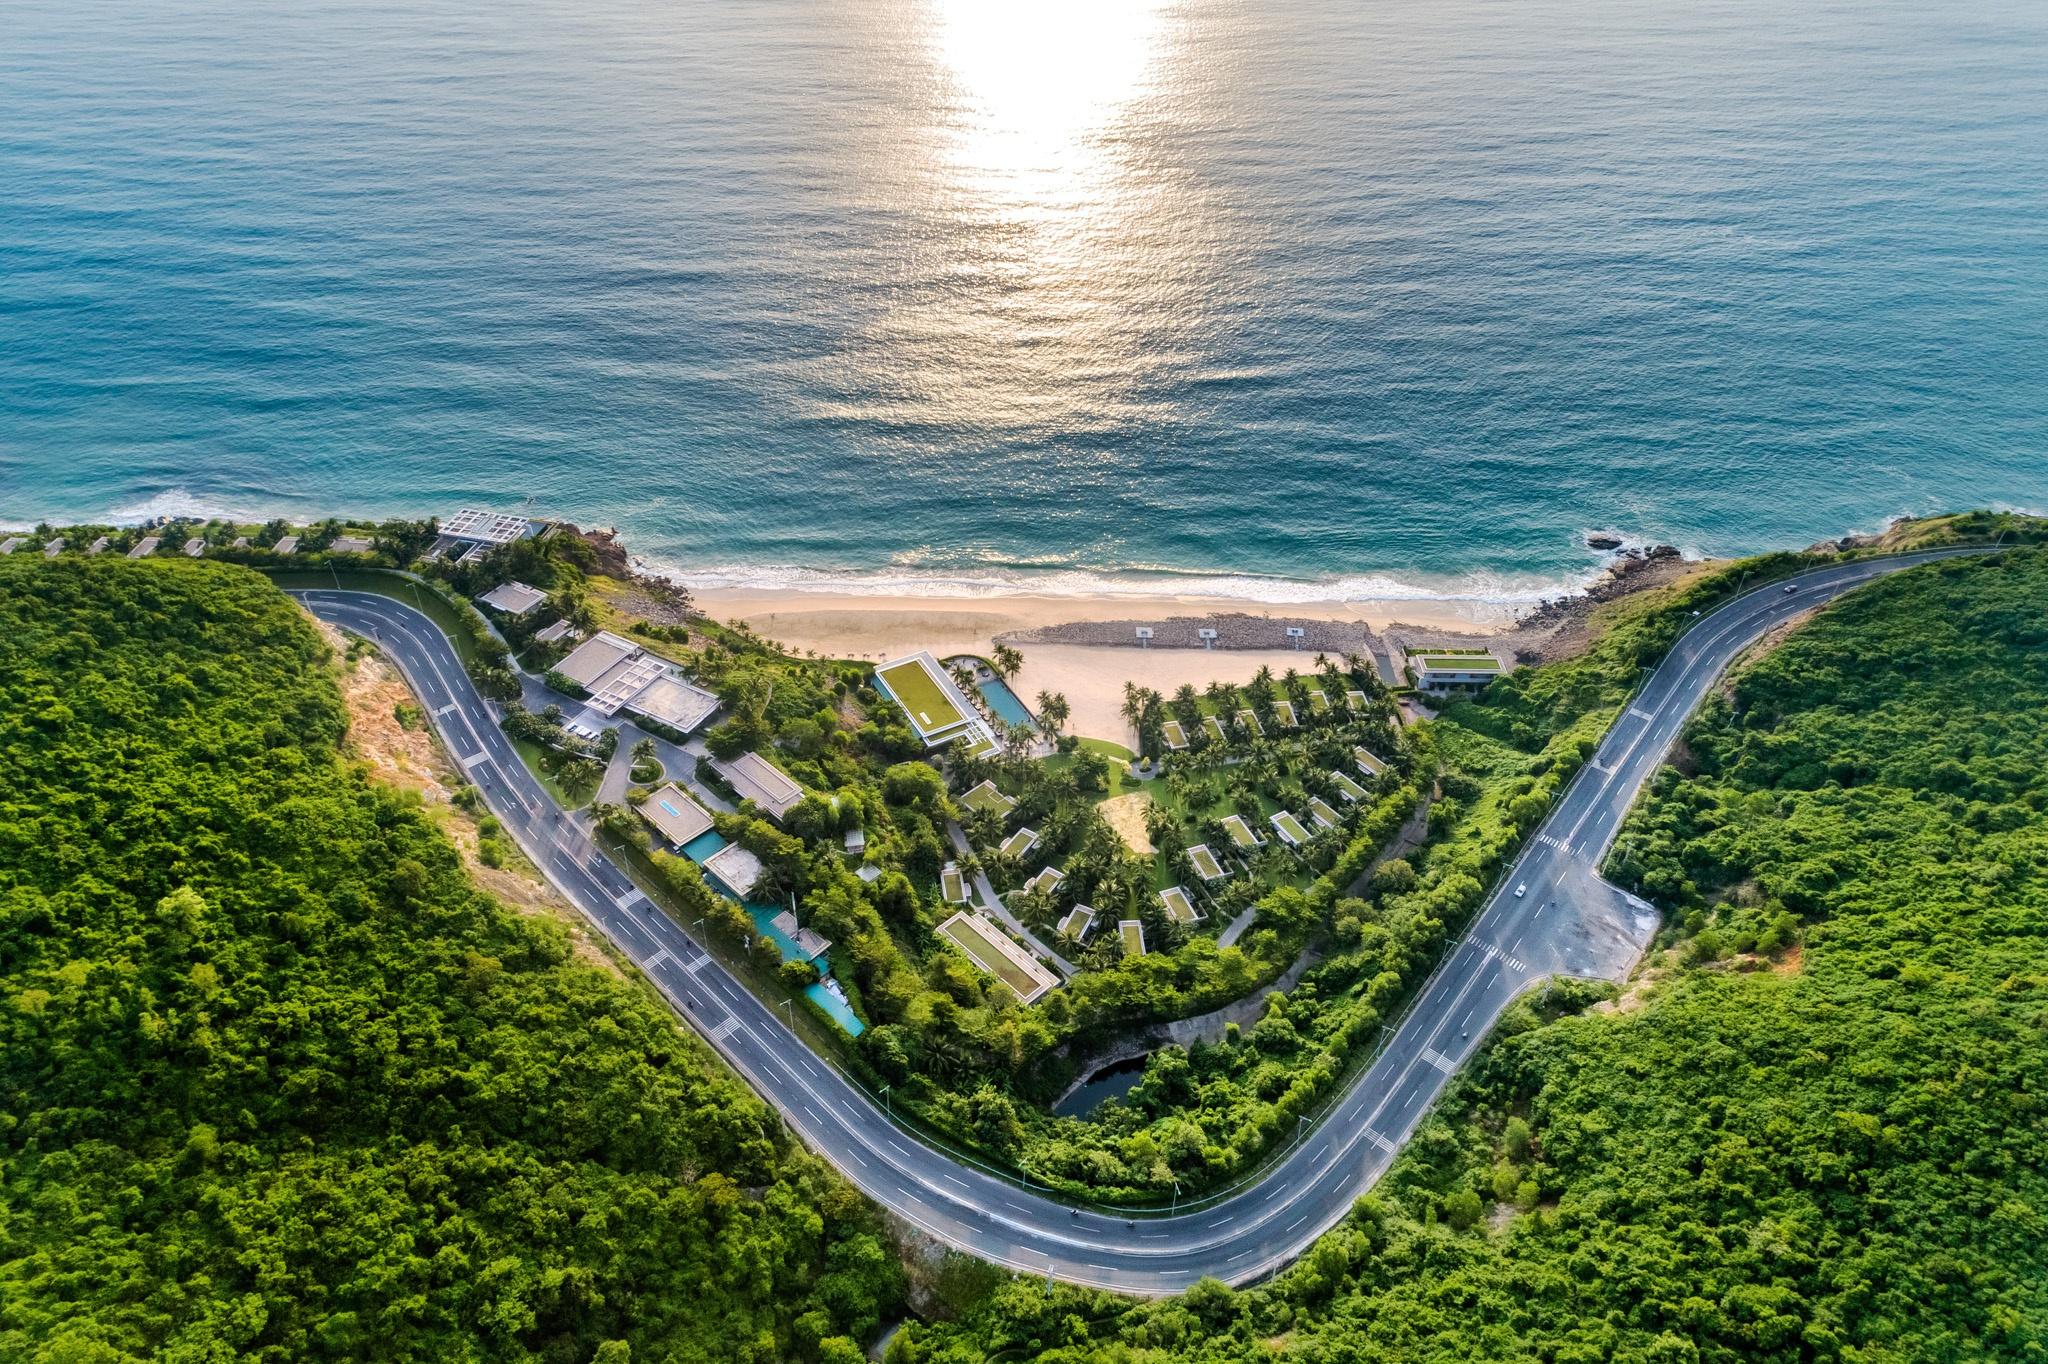 Chuyến đi mùa hè đến thiên đường biển đảo Nha Trang - Ảnh 5.